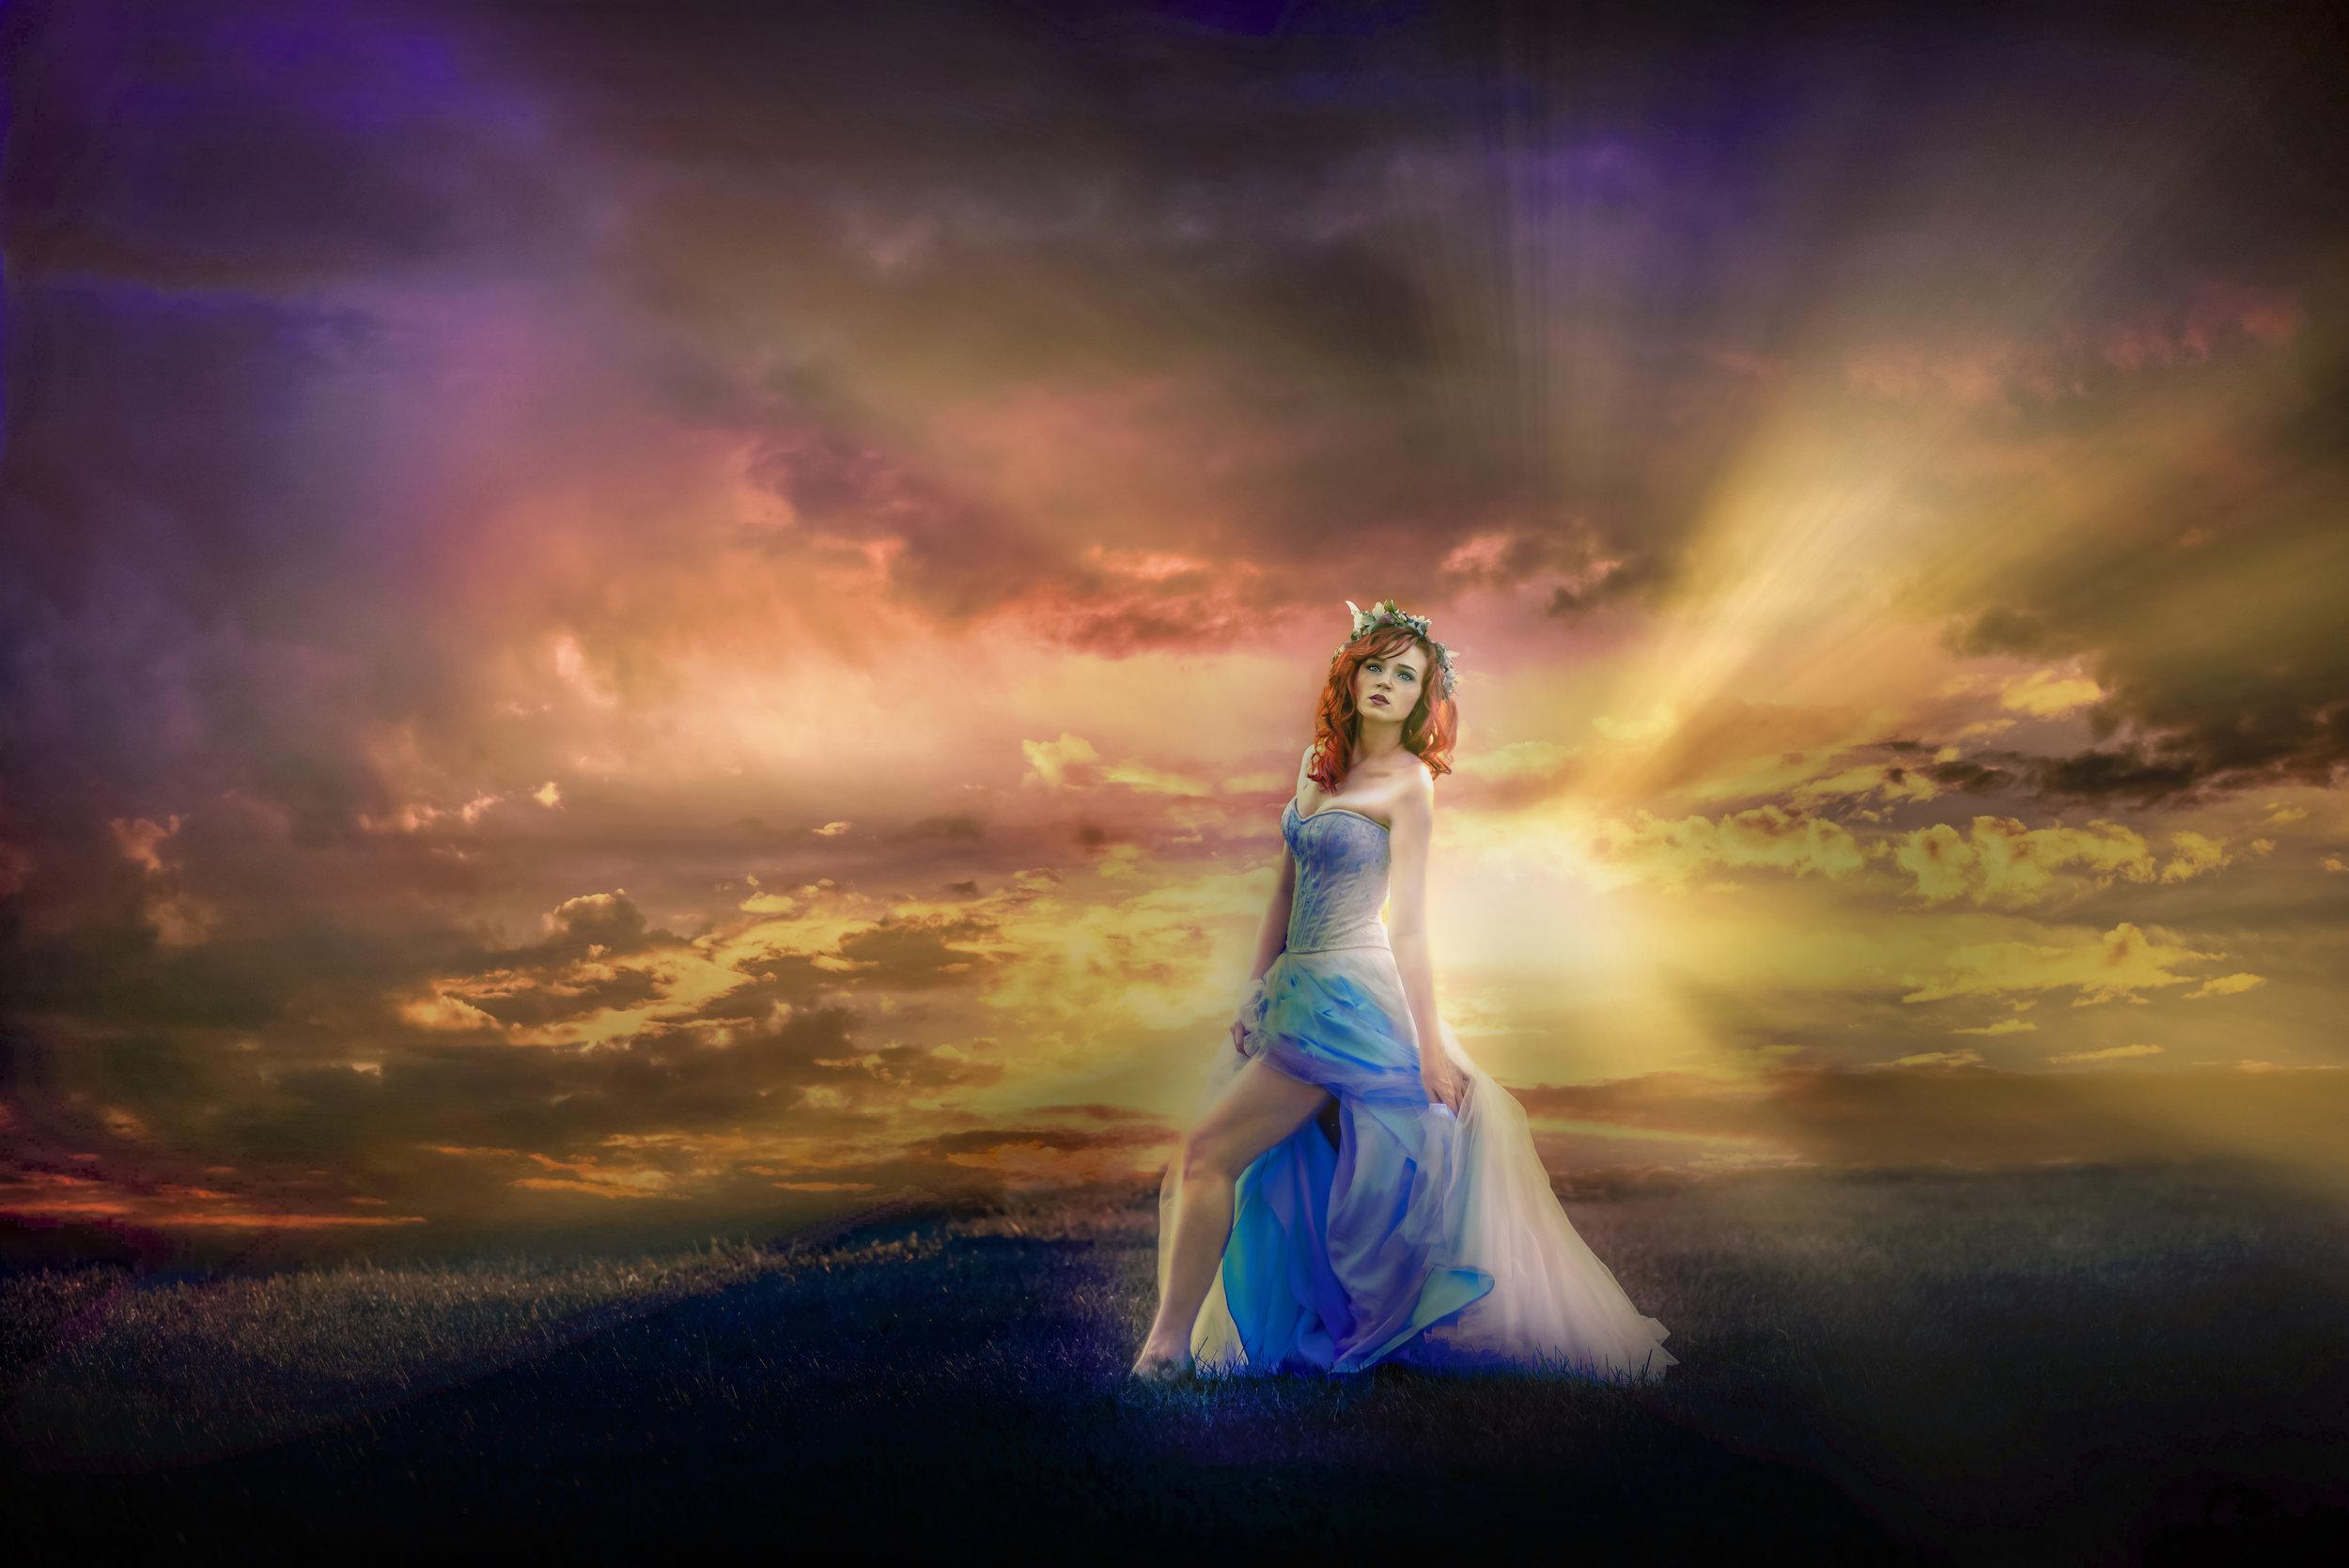 Sunset Goddess.jpg